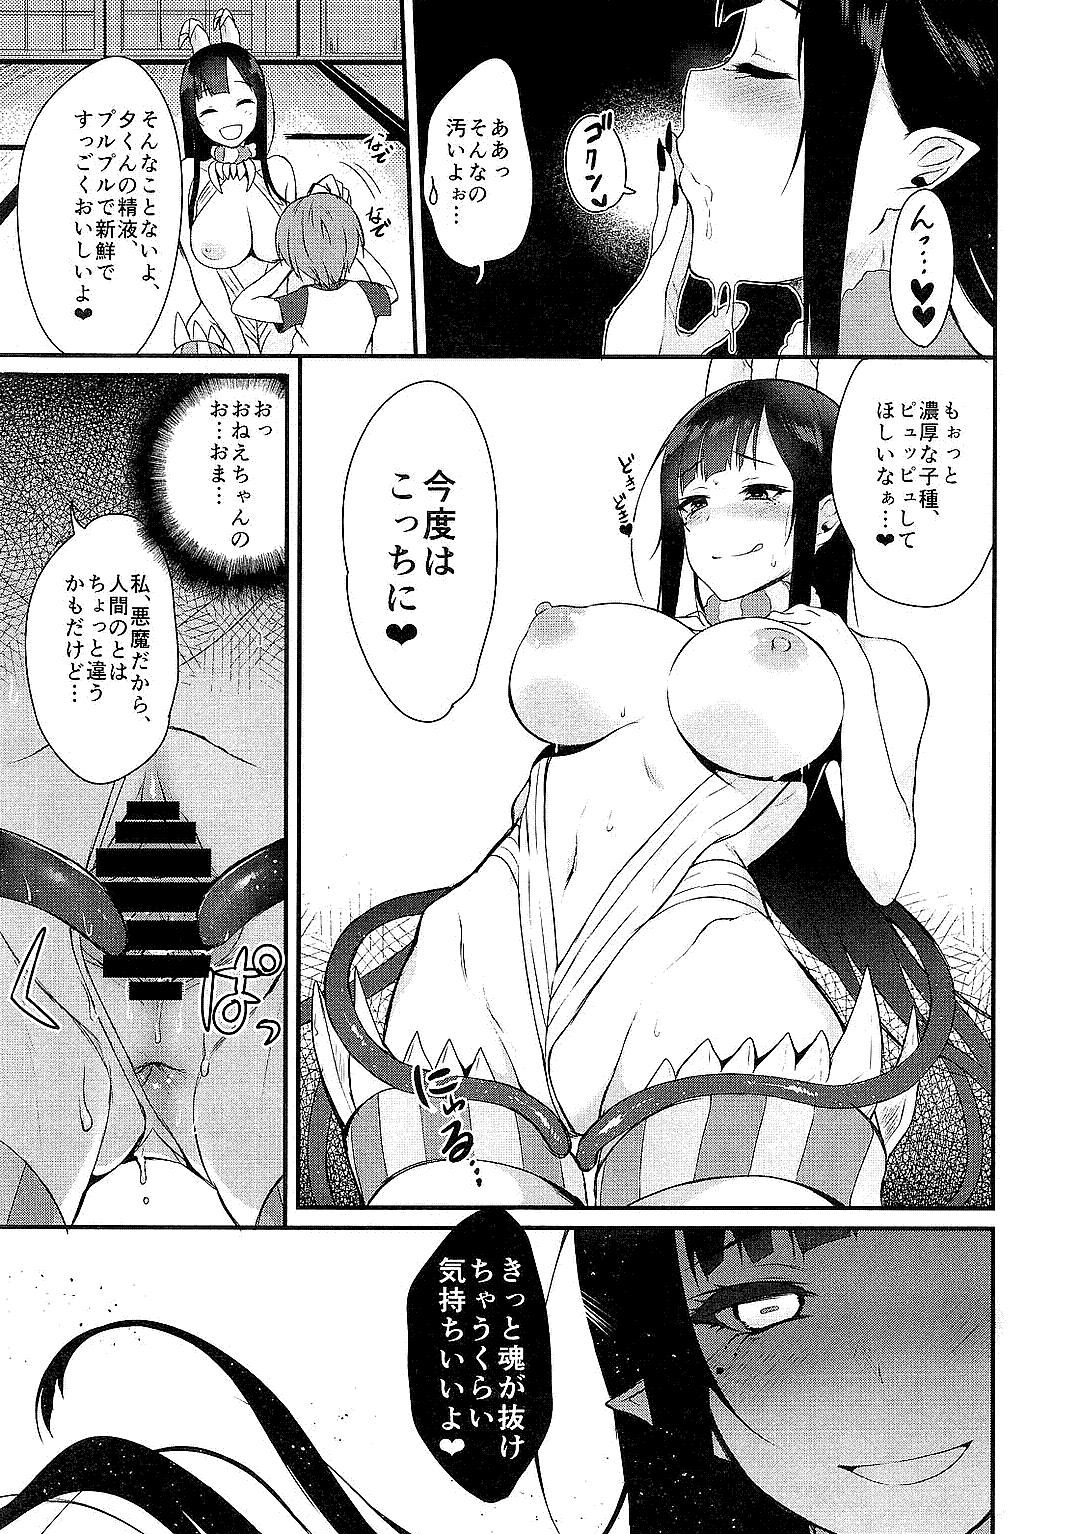 Ane Naru Mono Zenshuu 1 18